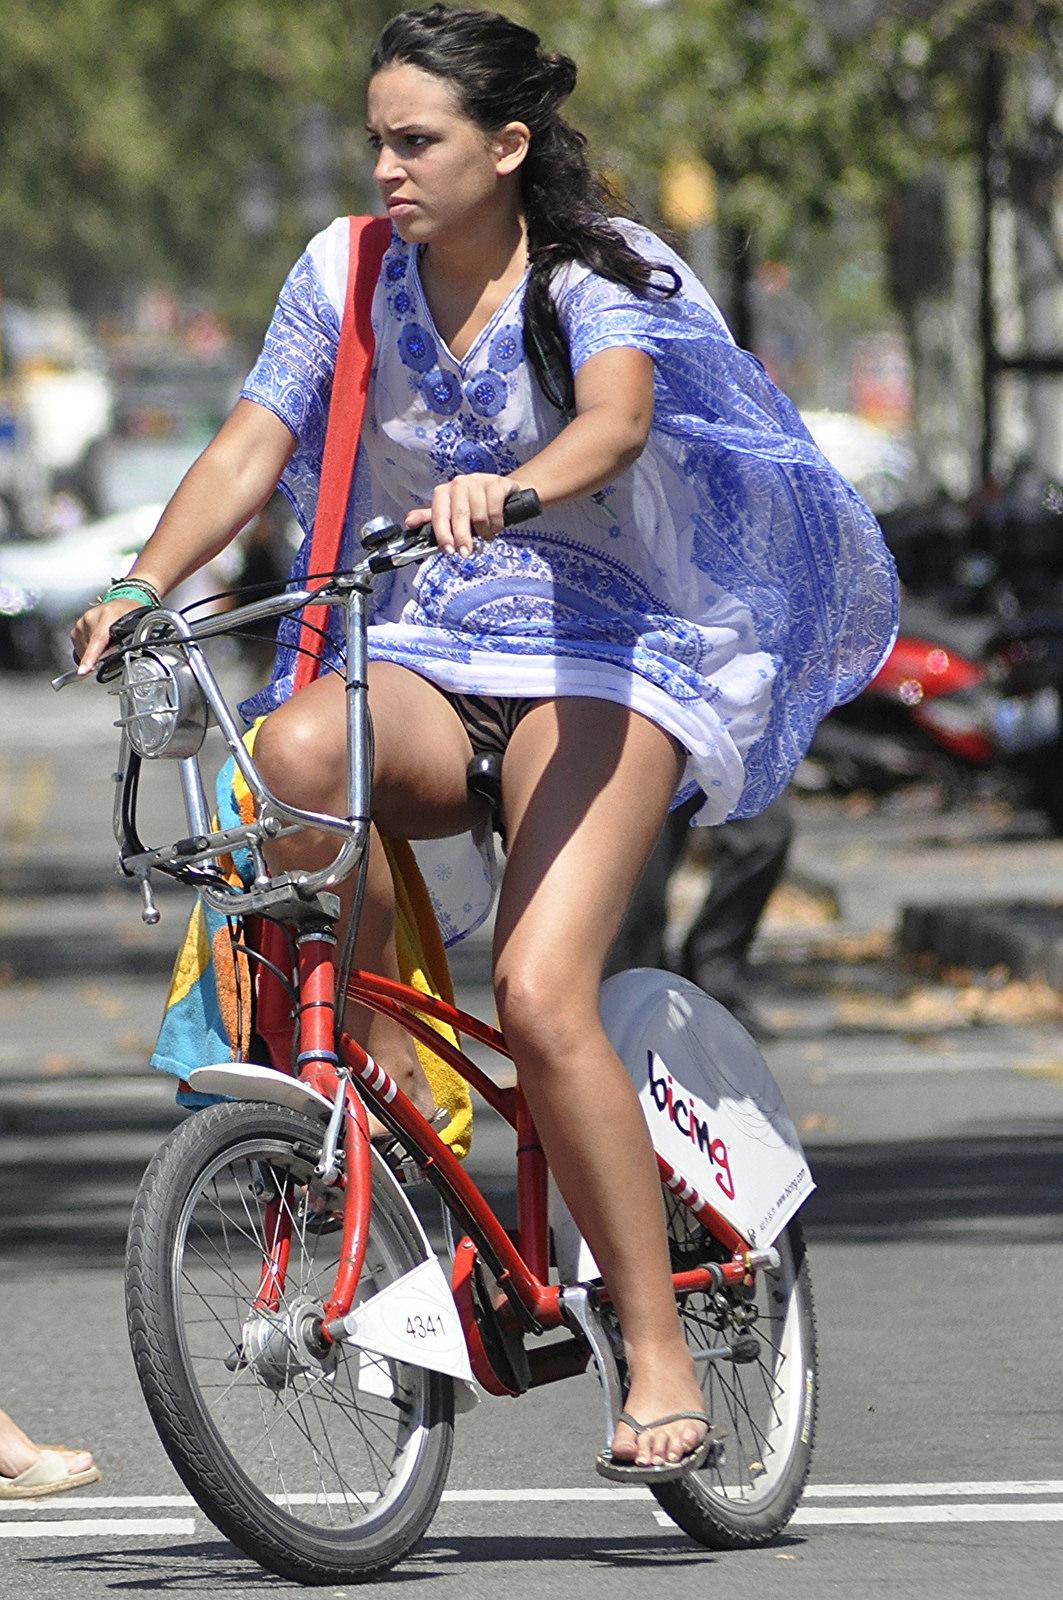 【※下心注意※】「自転車女子近辺待機組男子」 が受けた恩恵30パターンを画像付きで紹介するスレwwww(画像あり) 03